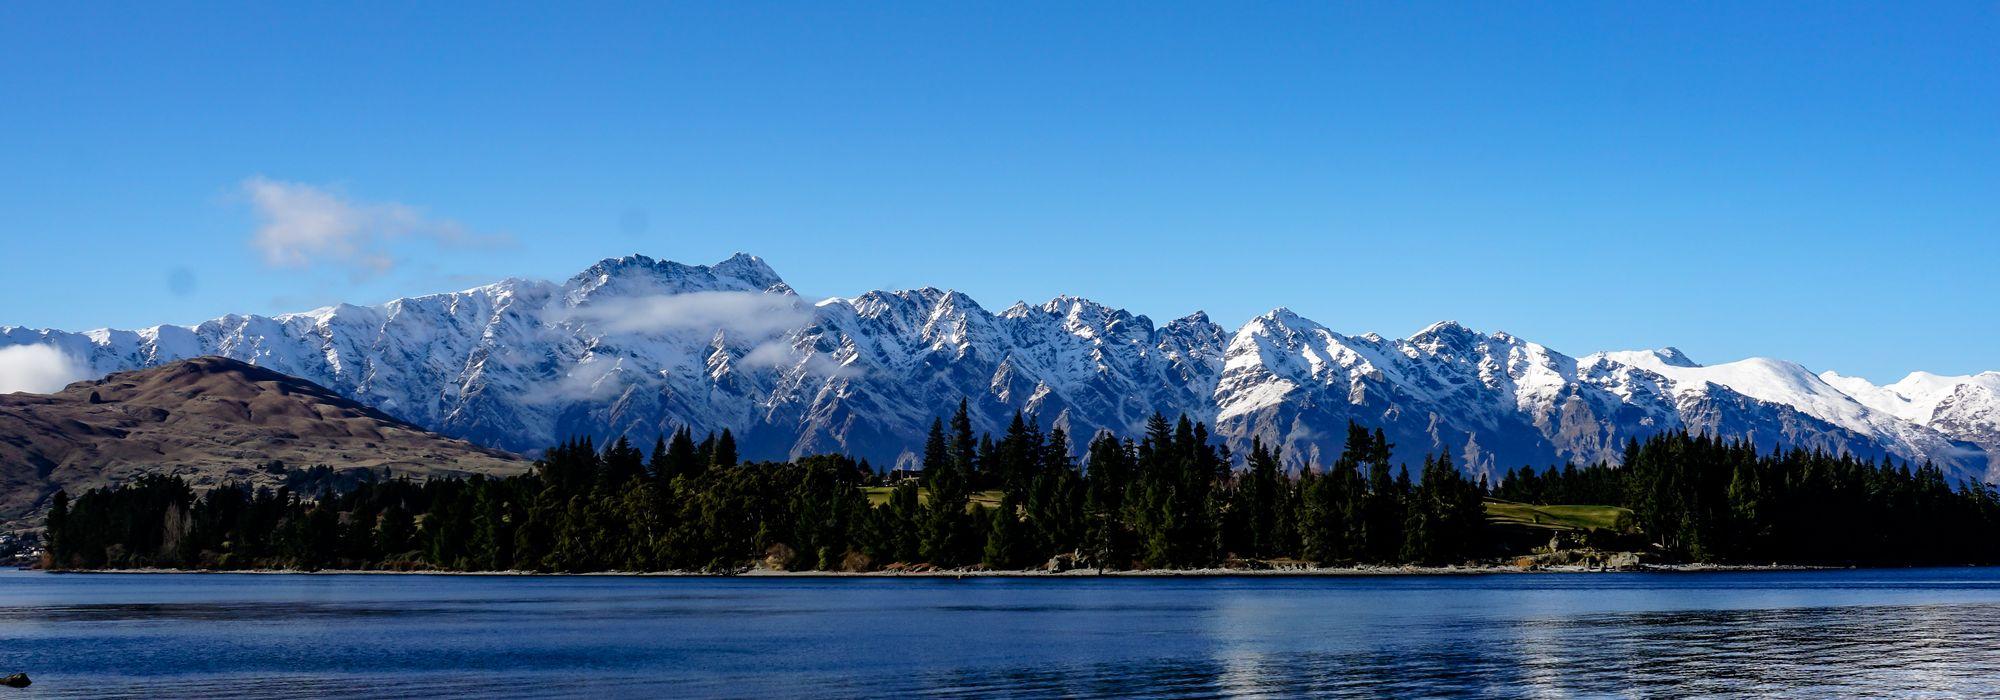 Lake Wakatipu view from Queenstown